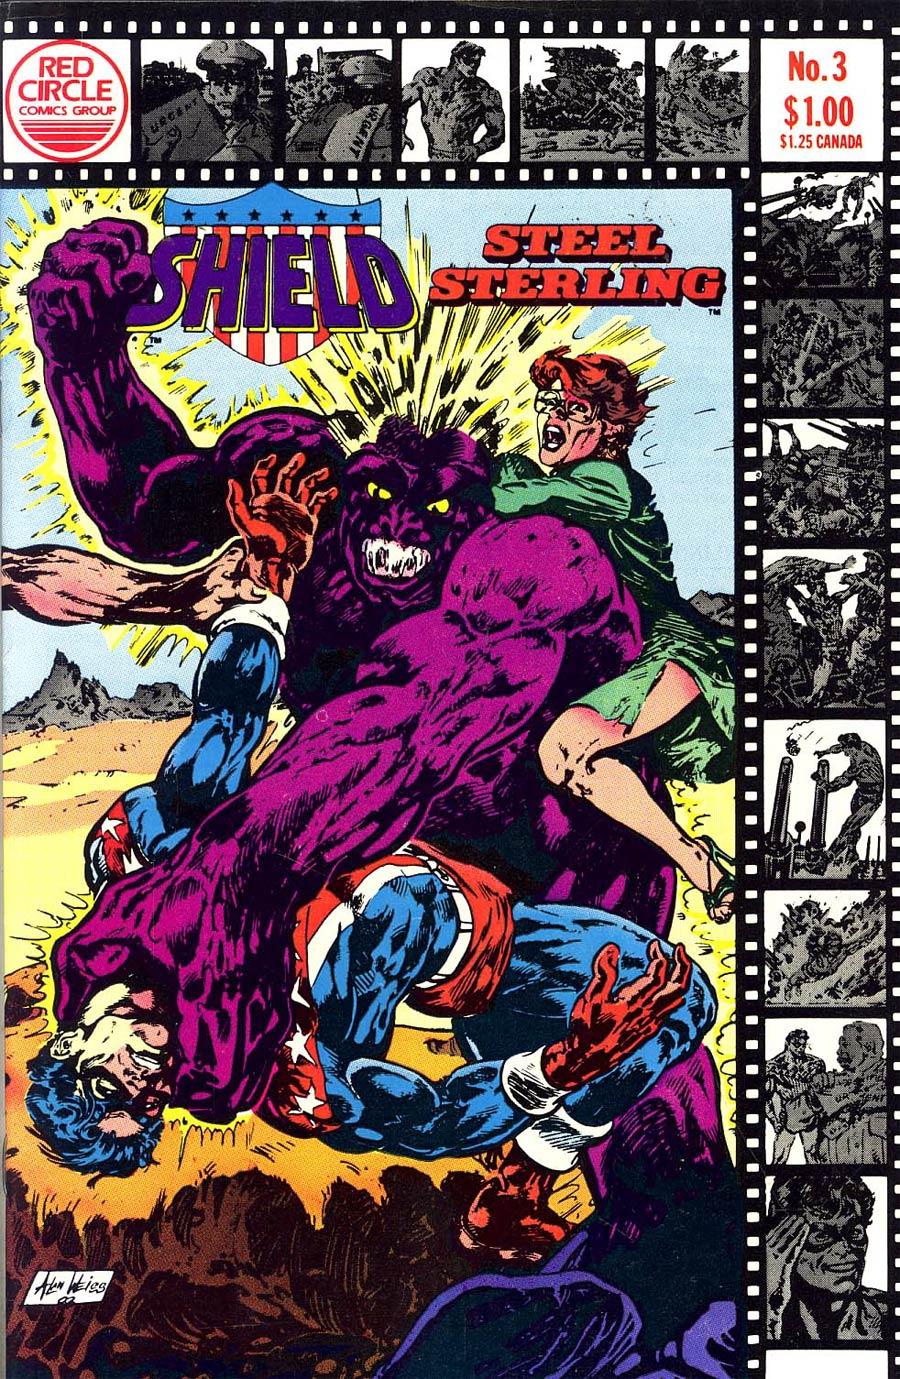 Shield #3 (Steel Sterling 1983)